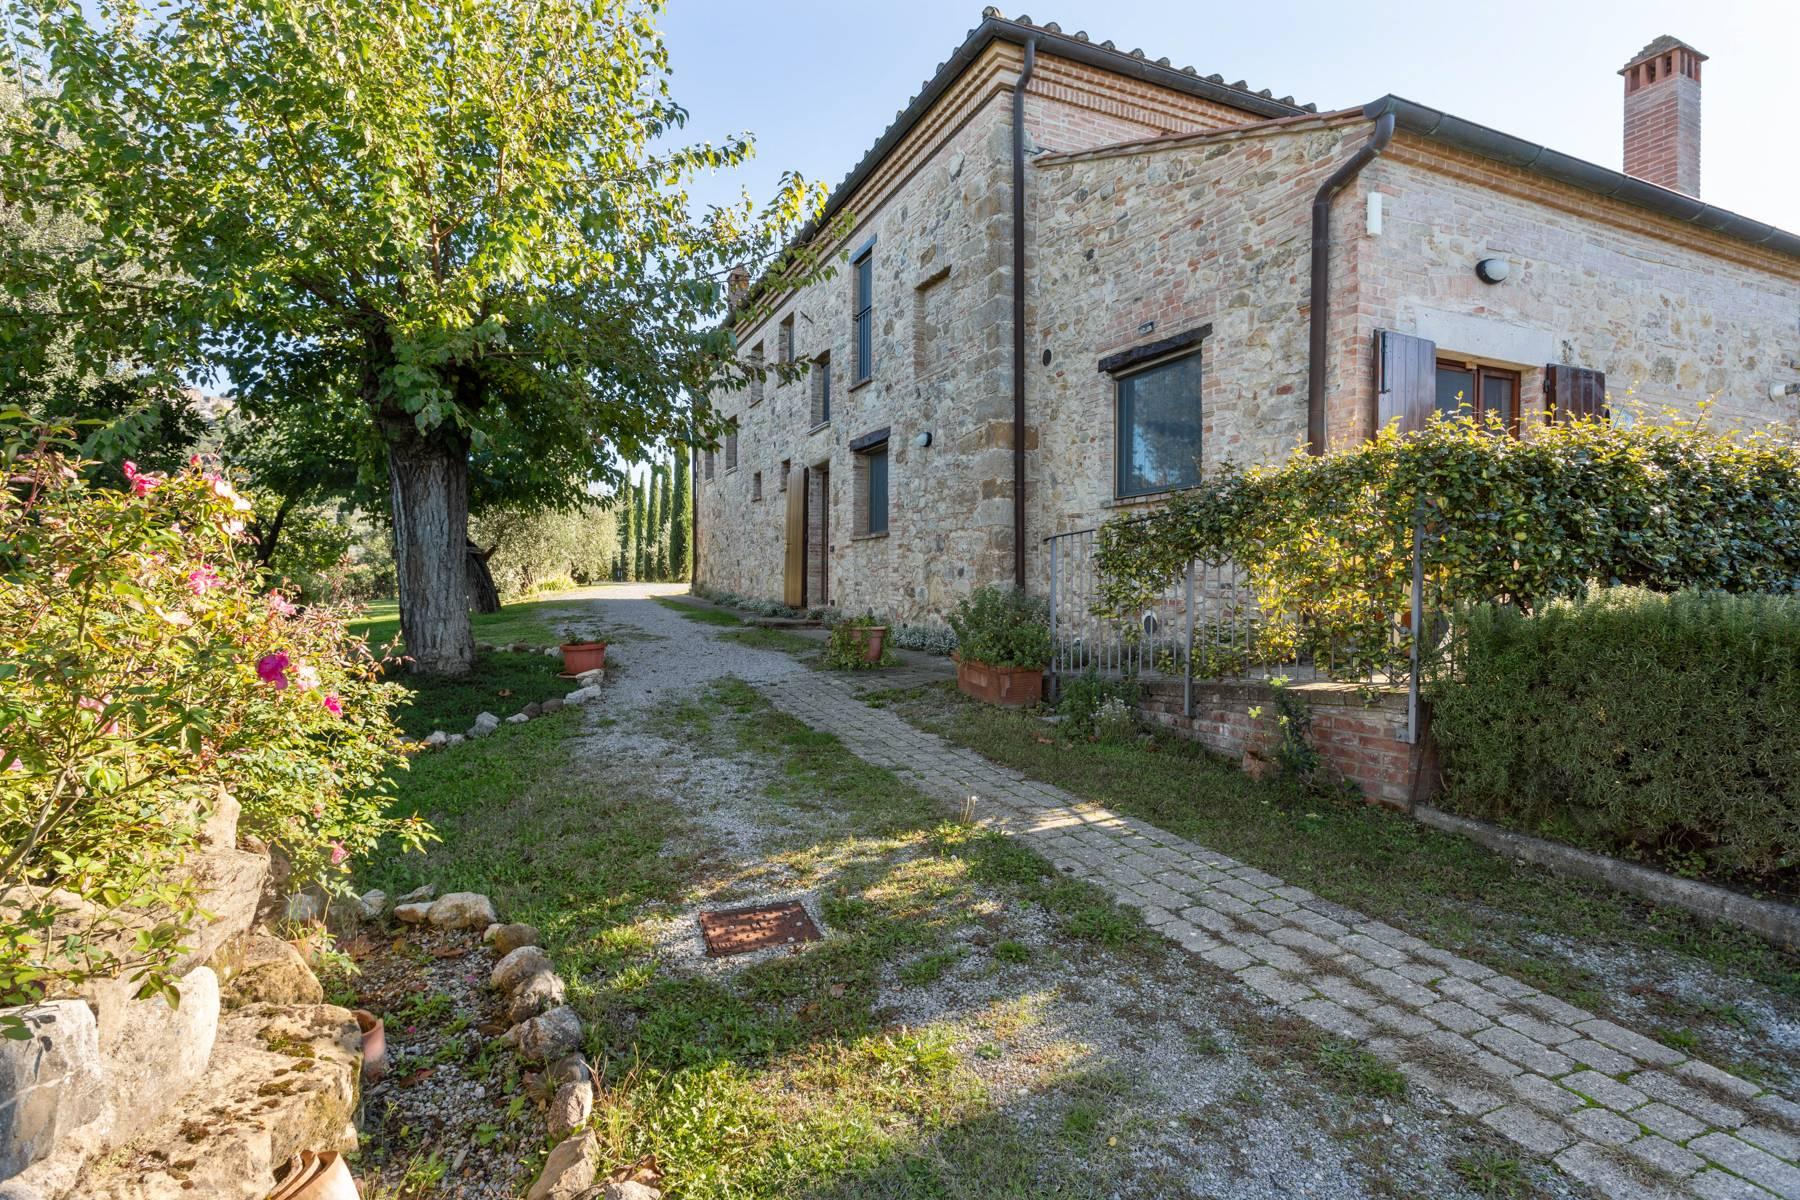 Rustico in Vendita a Montepulciano: 5 locali, 561 mq - Foto 3